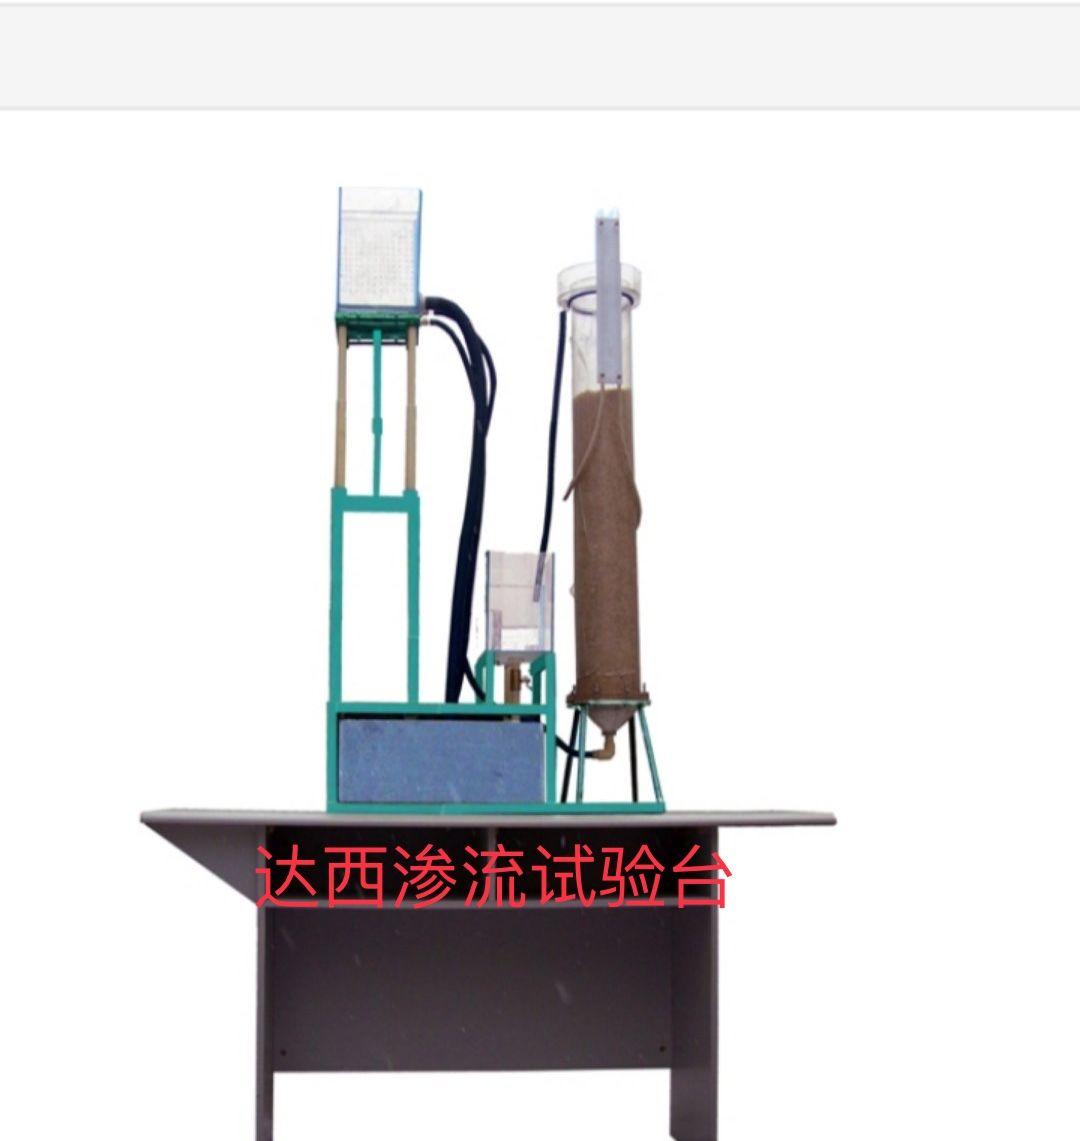 电渗析实验装置|安徽品质达西渗流式实验装置供应